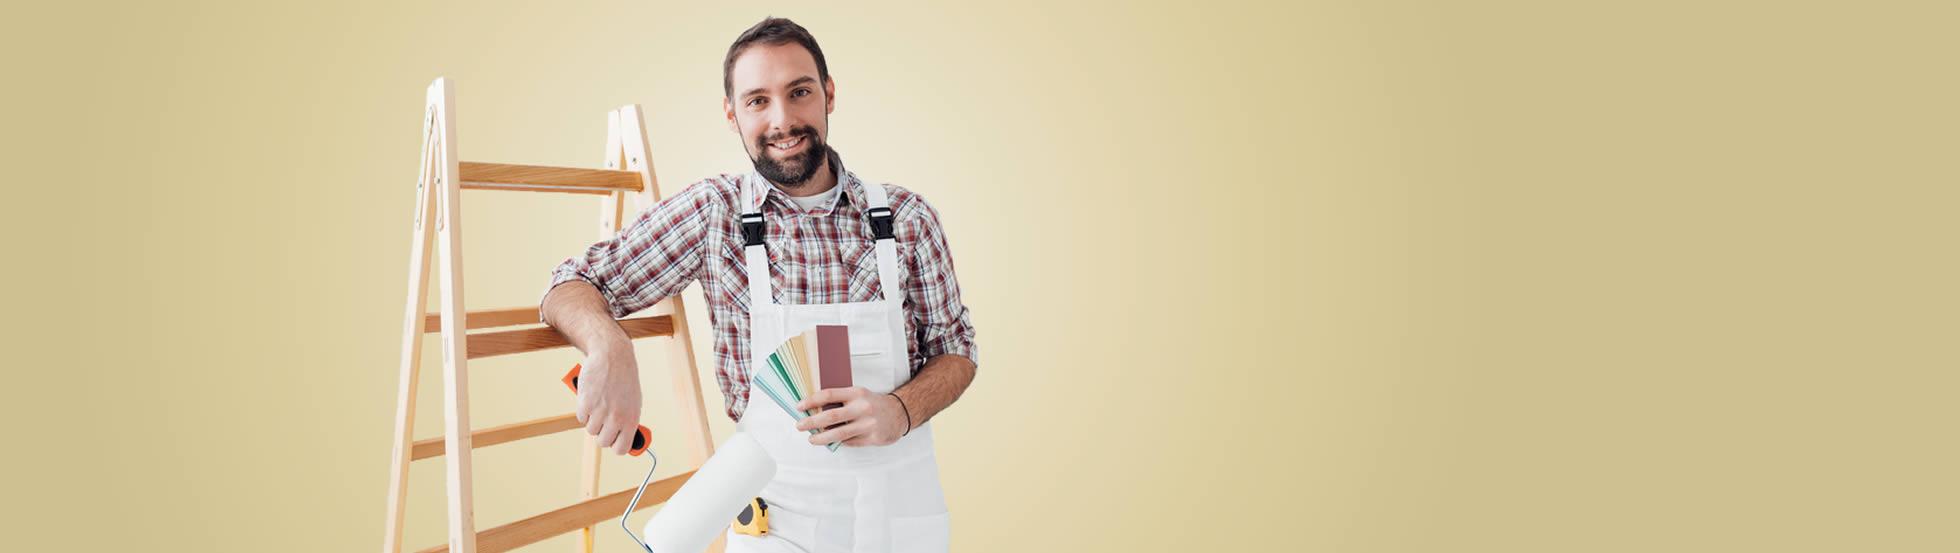 Handwerkerdienstleistungen